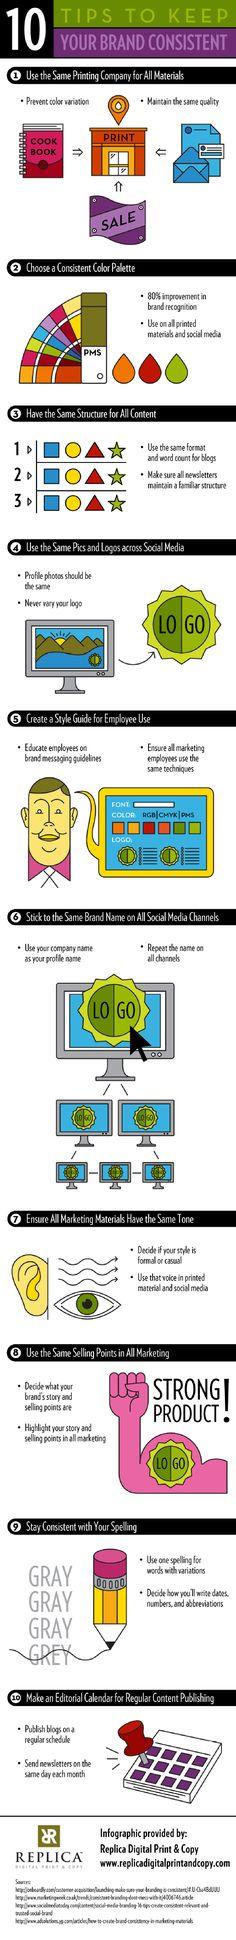 6 Plucky Ways to Build Brand Awareness